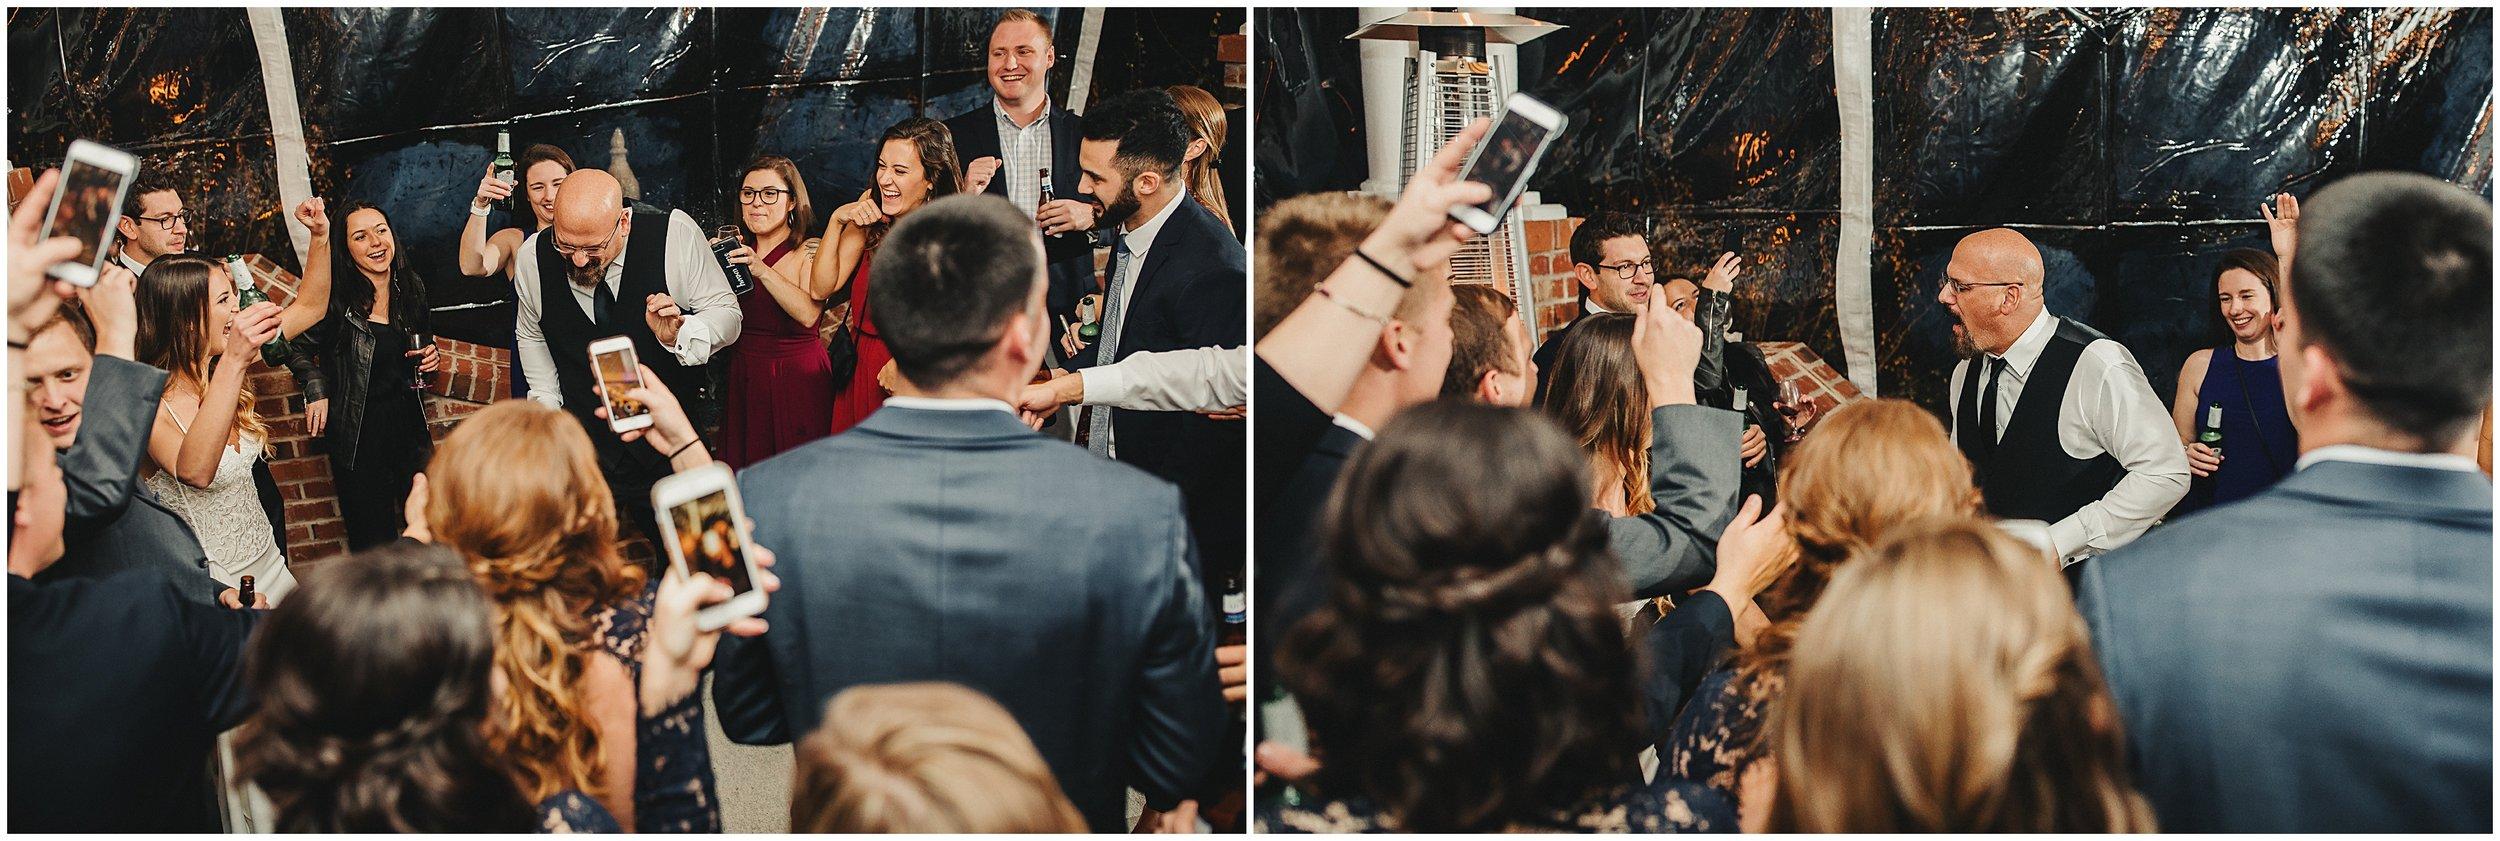 Ritchie Hill wedding_1317.jpg